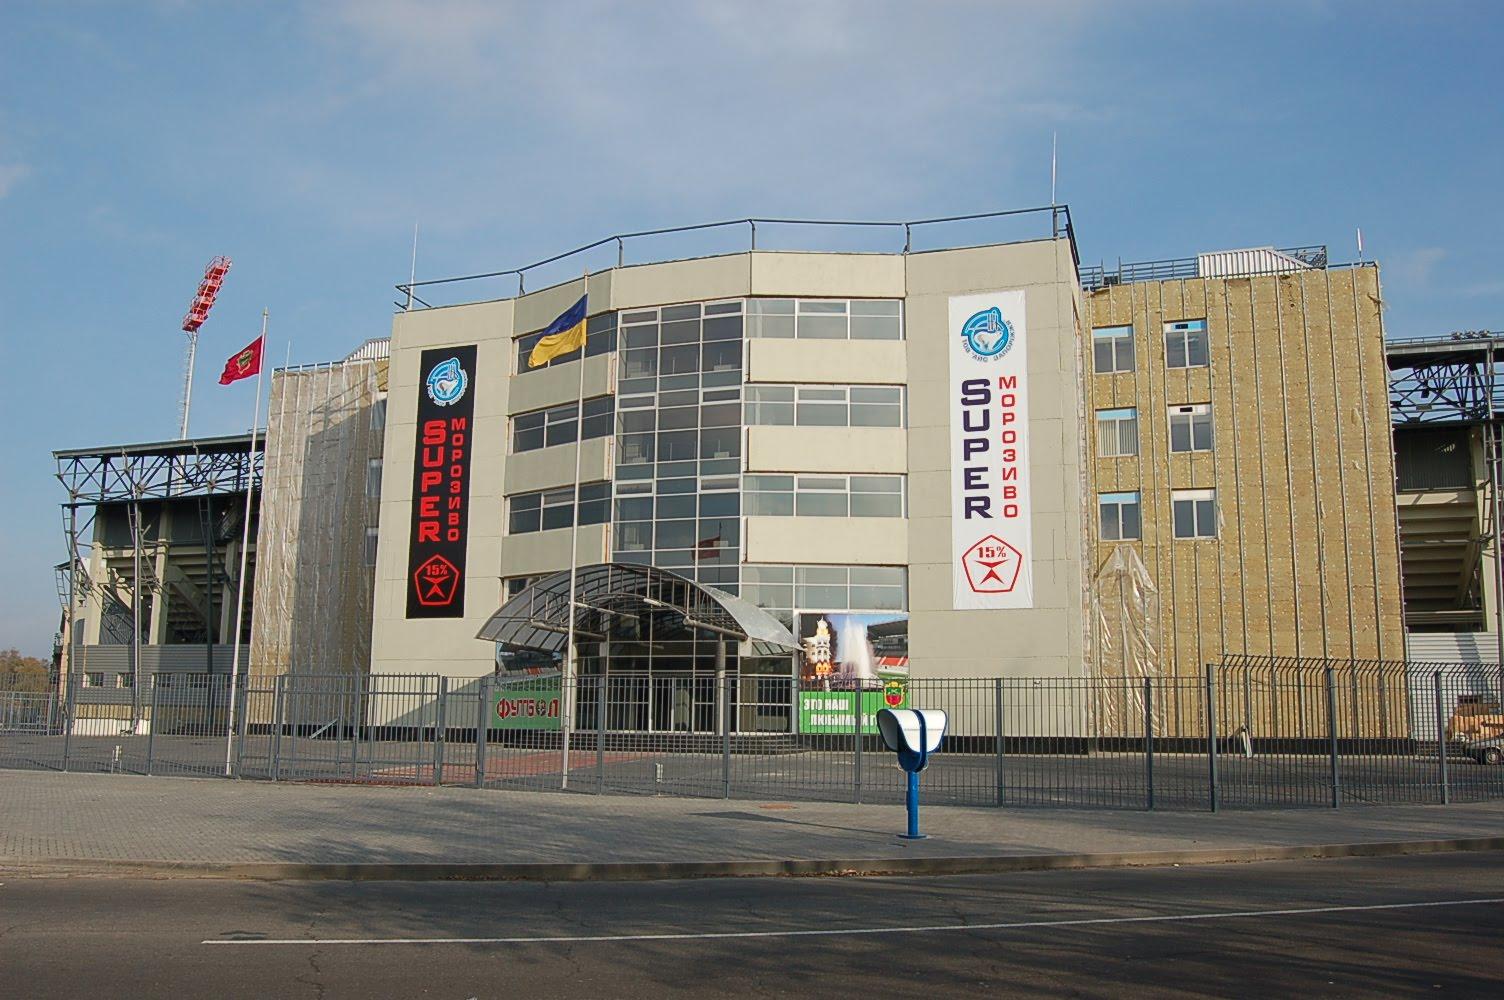 """Сообщение отредактировал Игорь - 20.2.2011, 0:19.  SK по твоему  """"славутич арена """" очень красивая по дизайну фасада."""